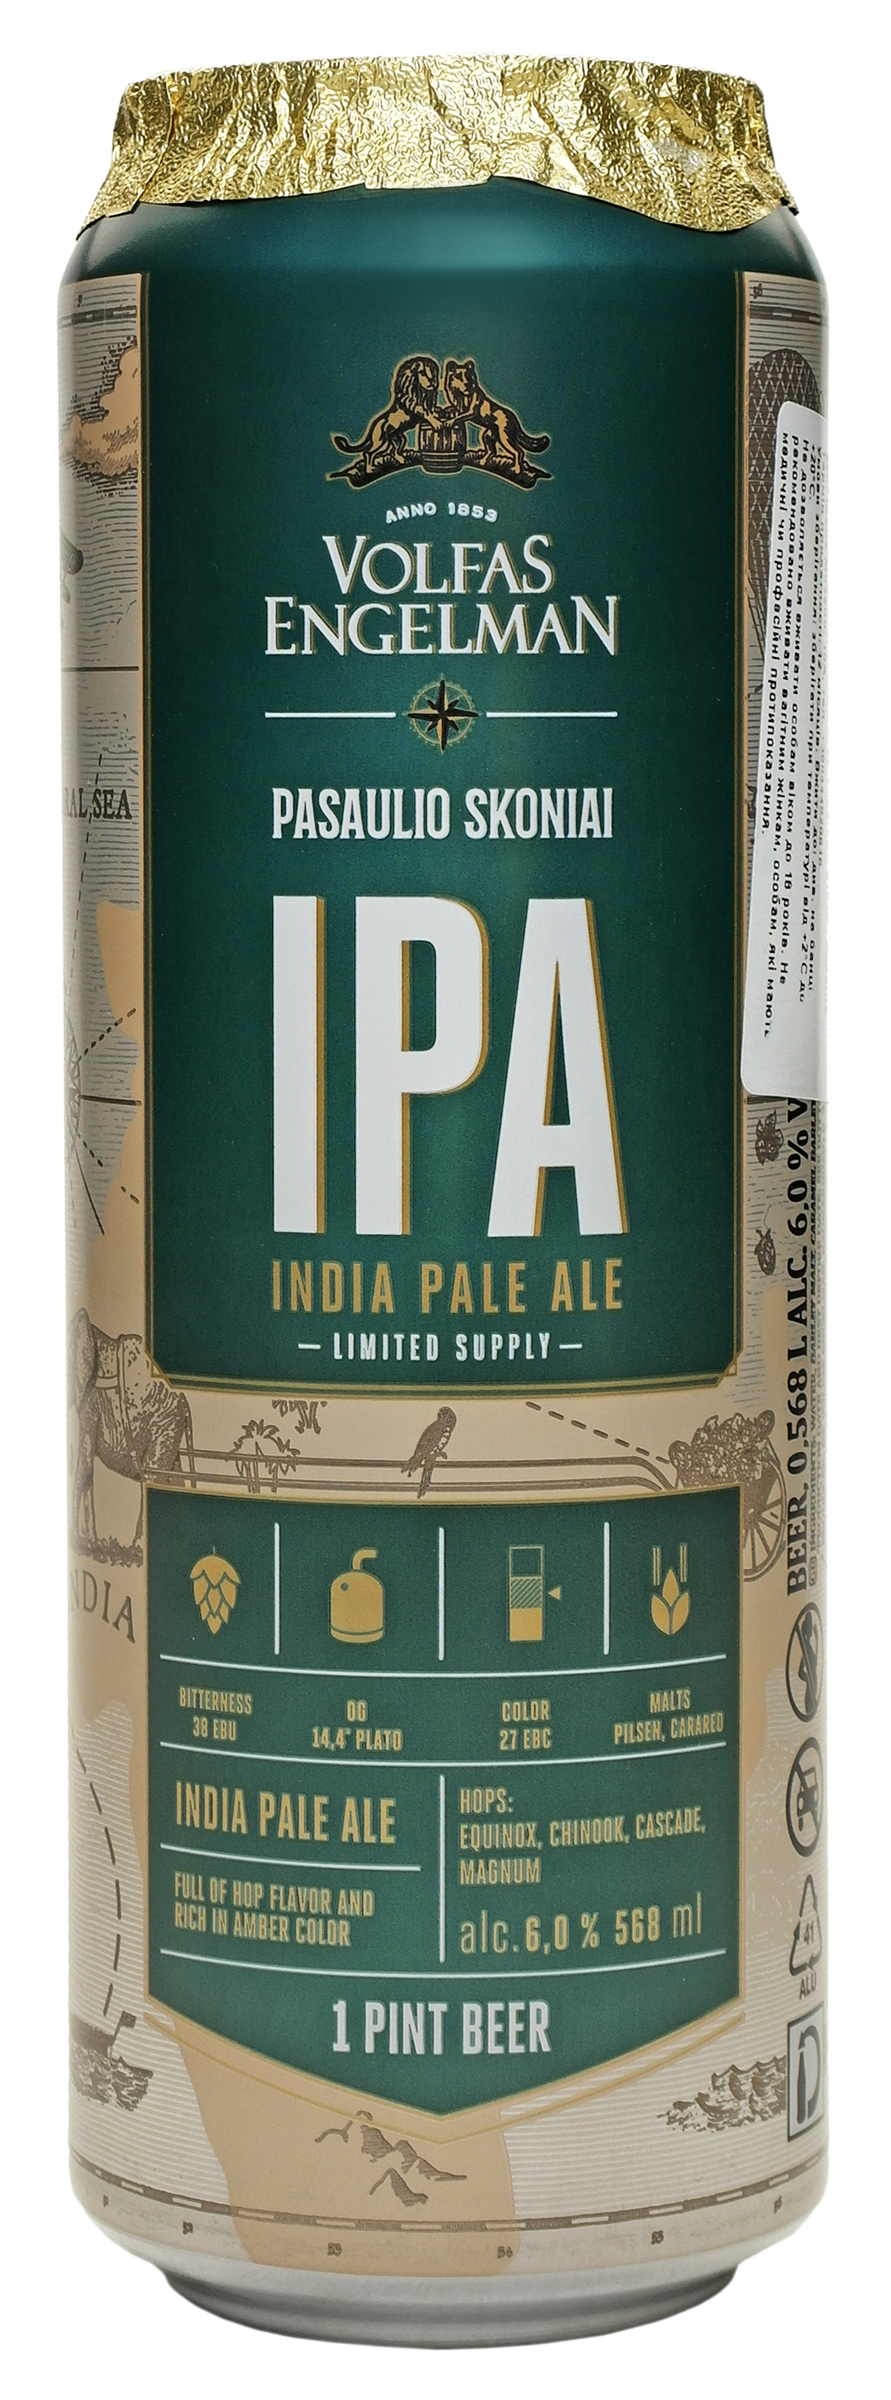 Пиво Volfas Engelman IPA світле фільтроване 6% 568мл ж/б